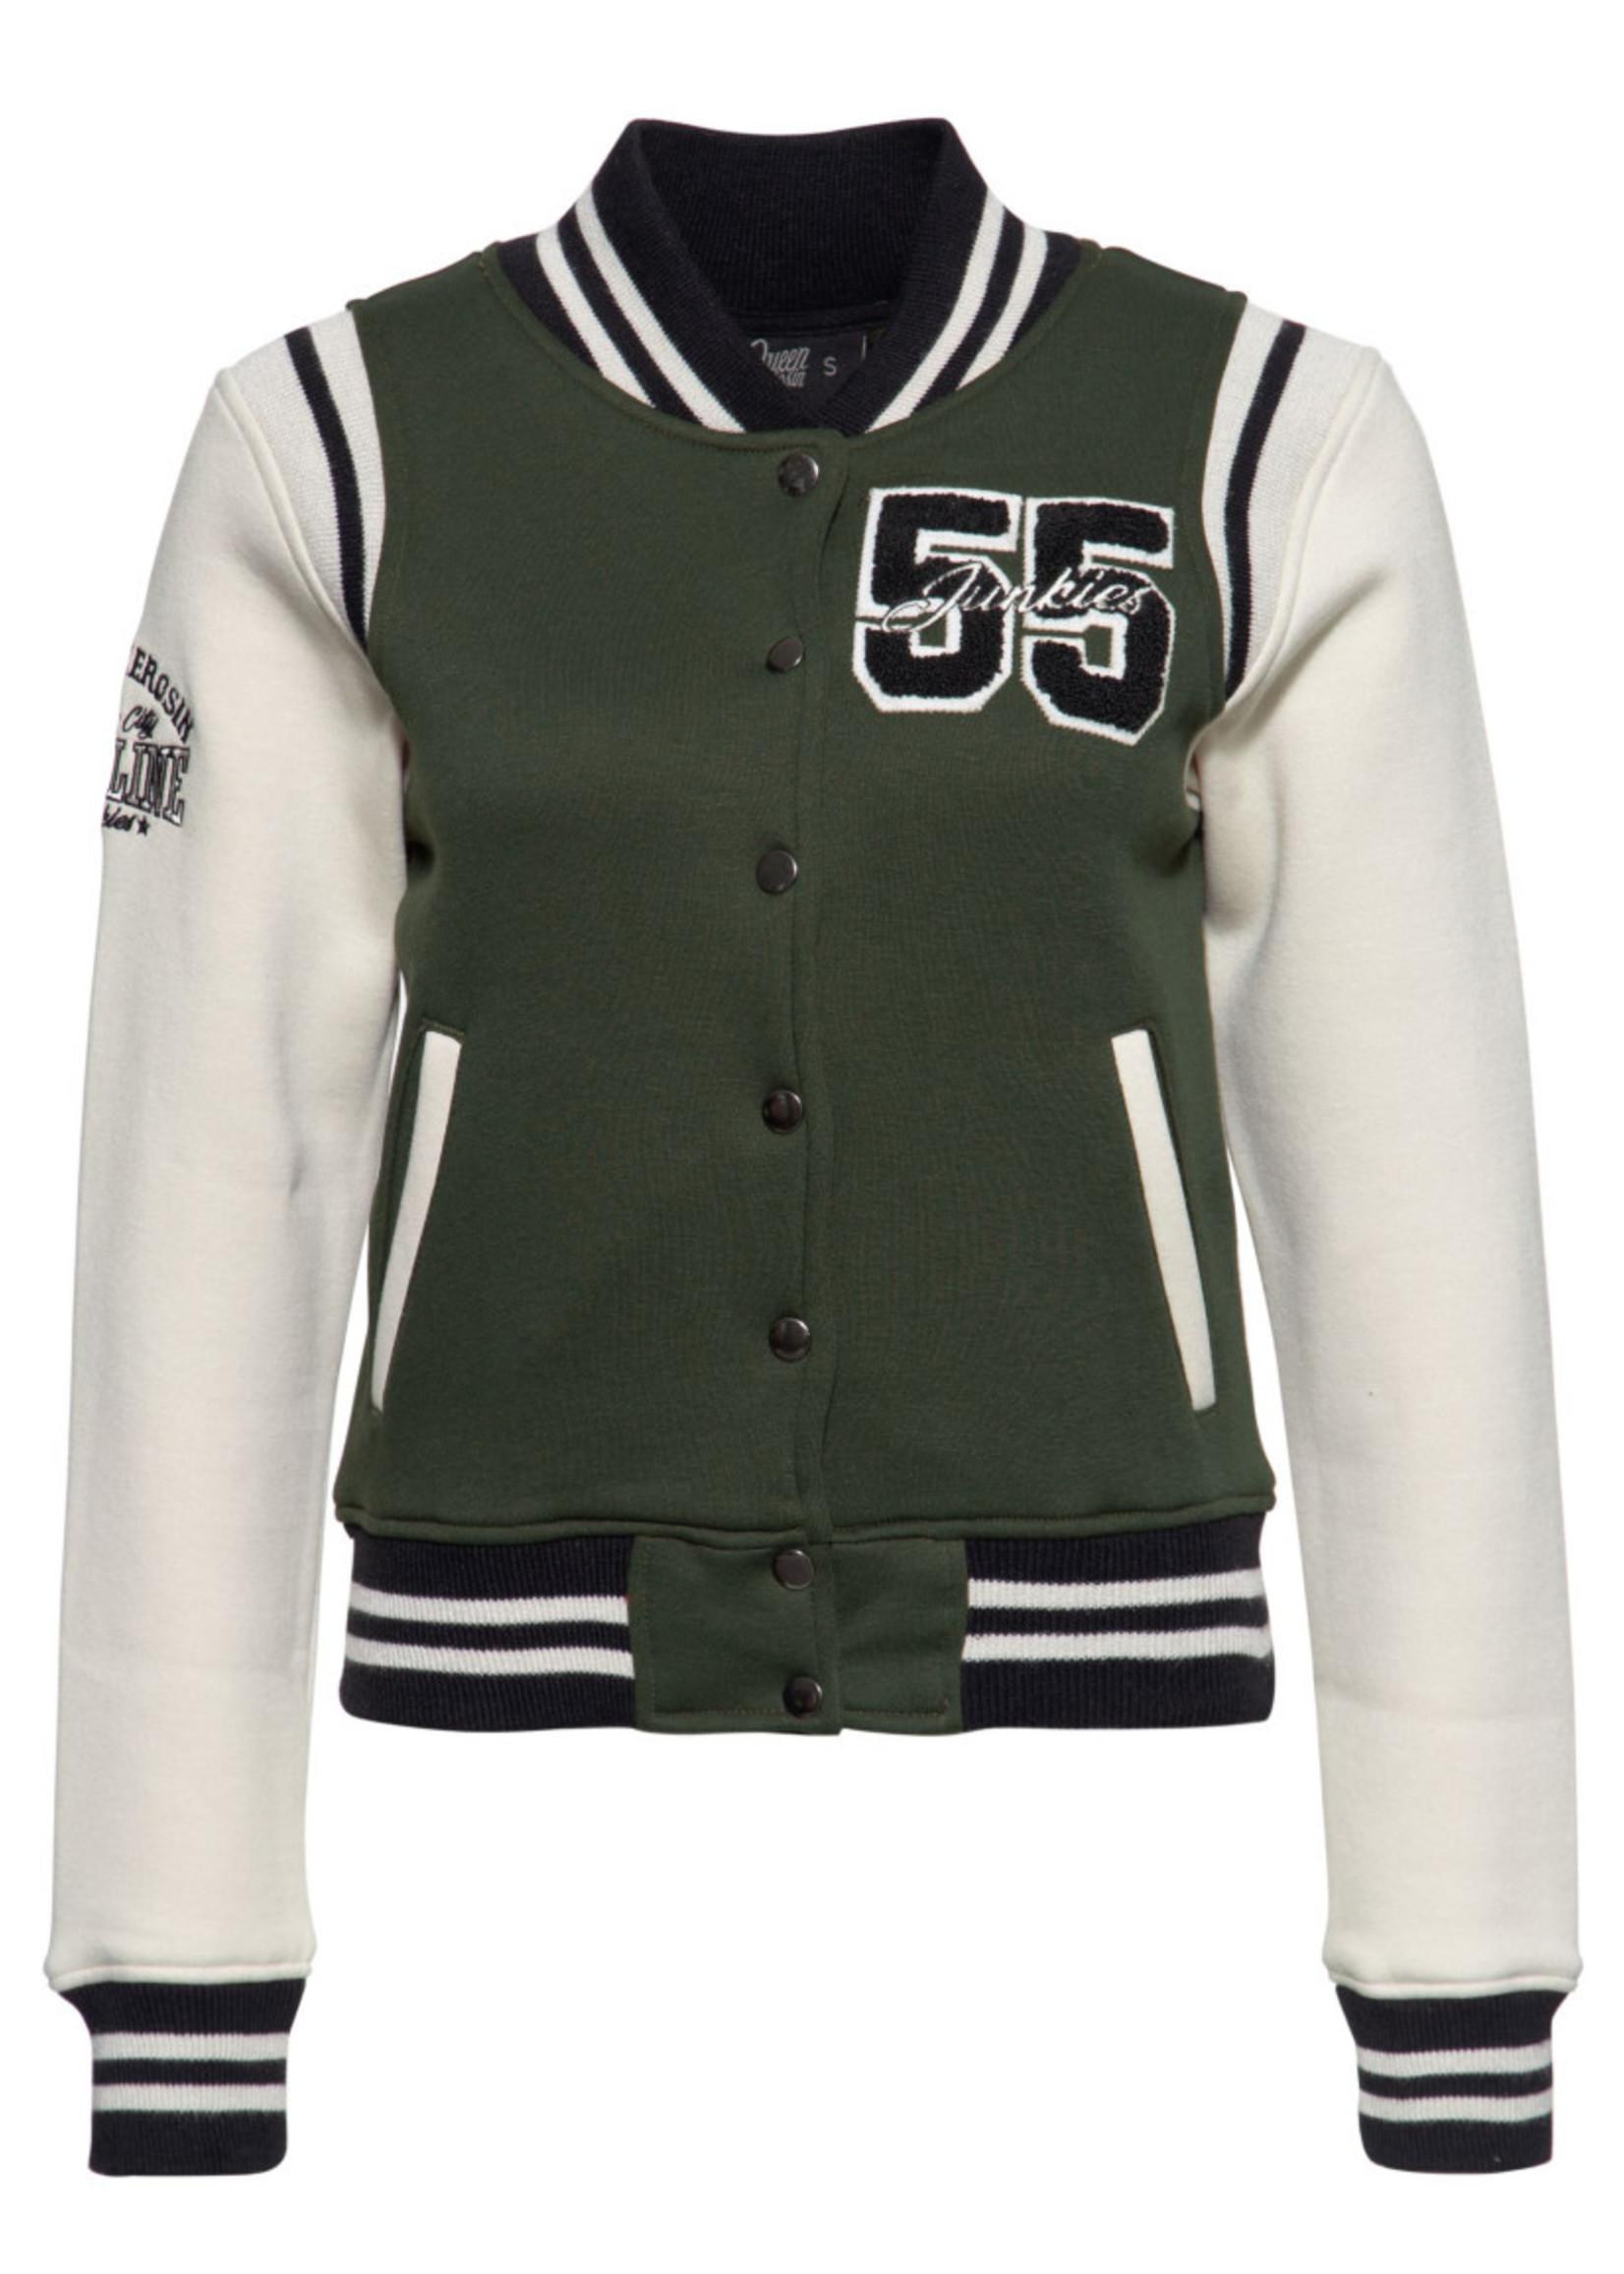 Queen Kerosin Queen Kerosin Baseball jacket Gasoline Junkies in Olive and Off White